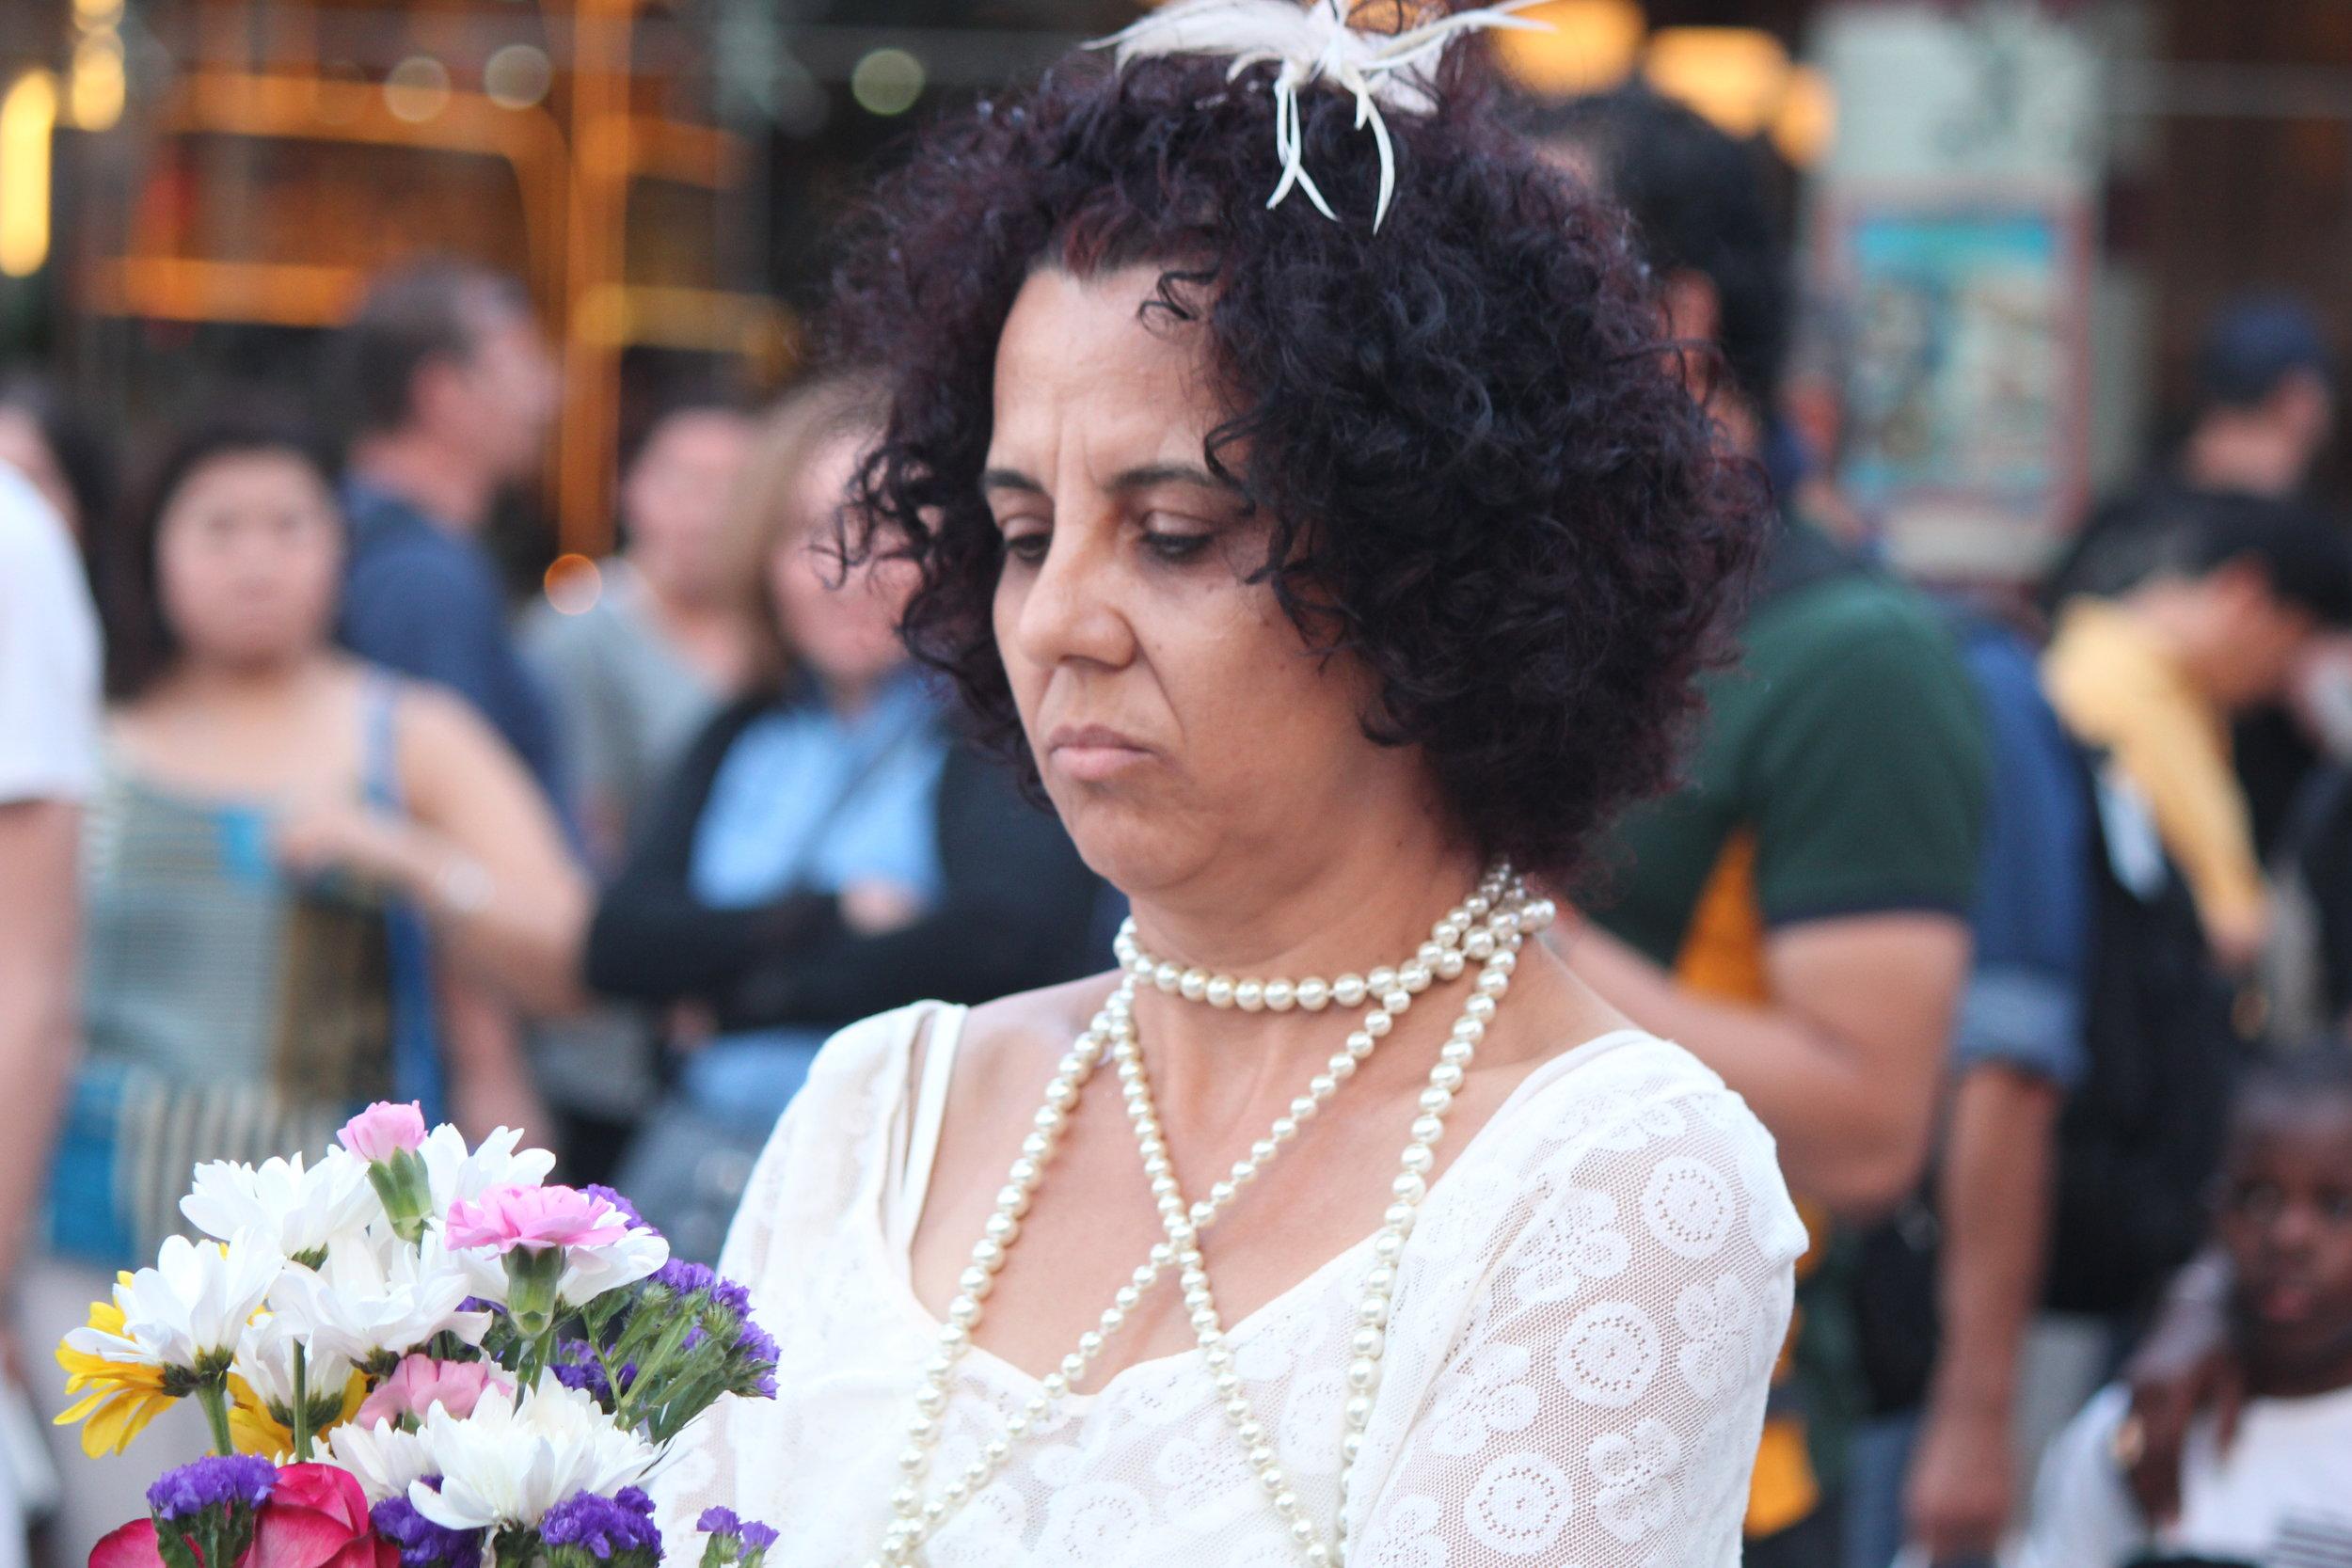 Alana Rosa